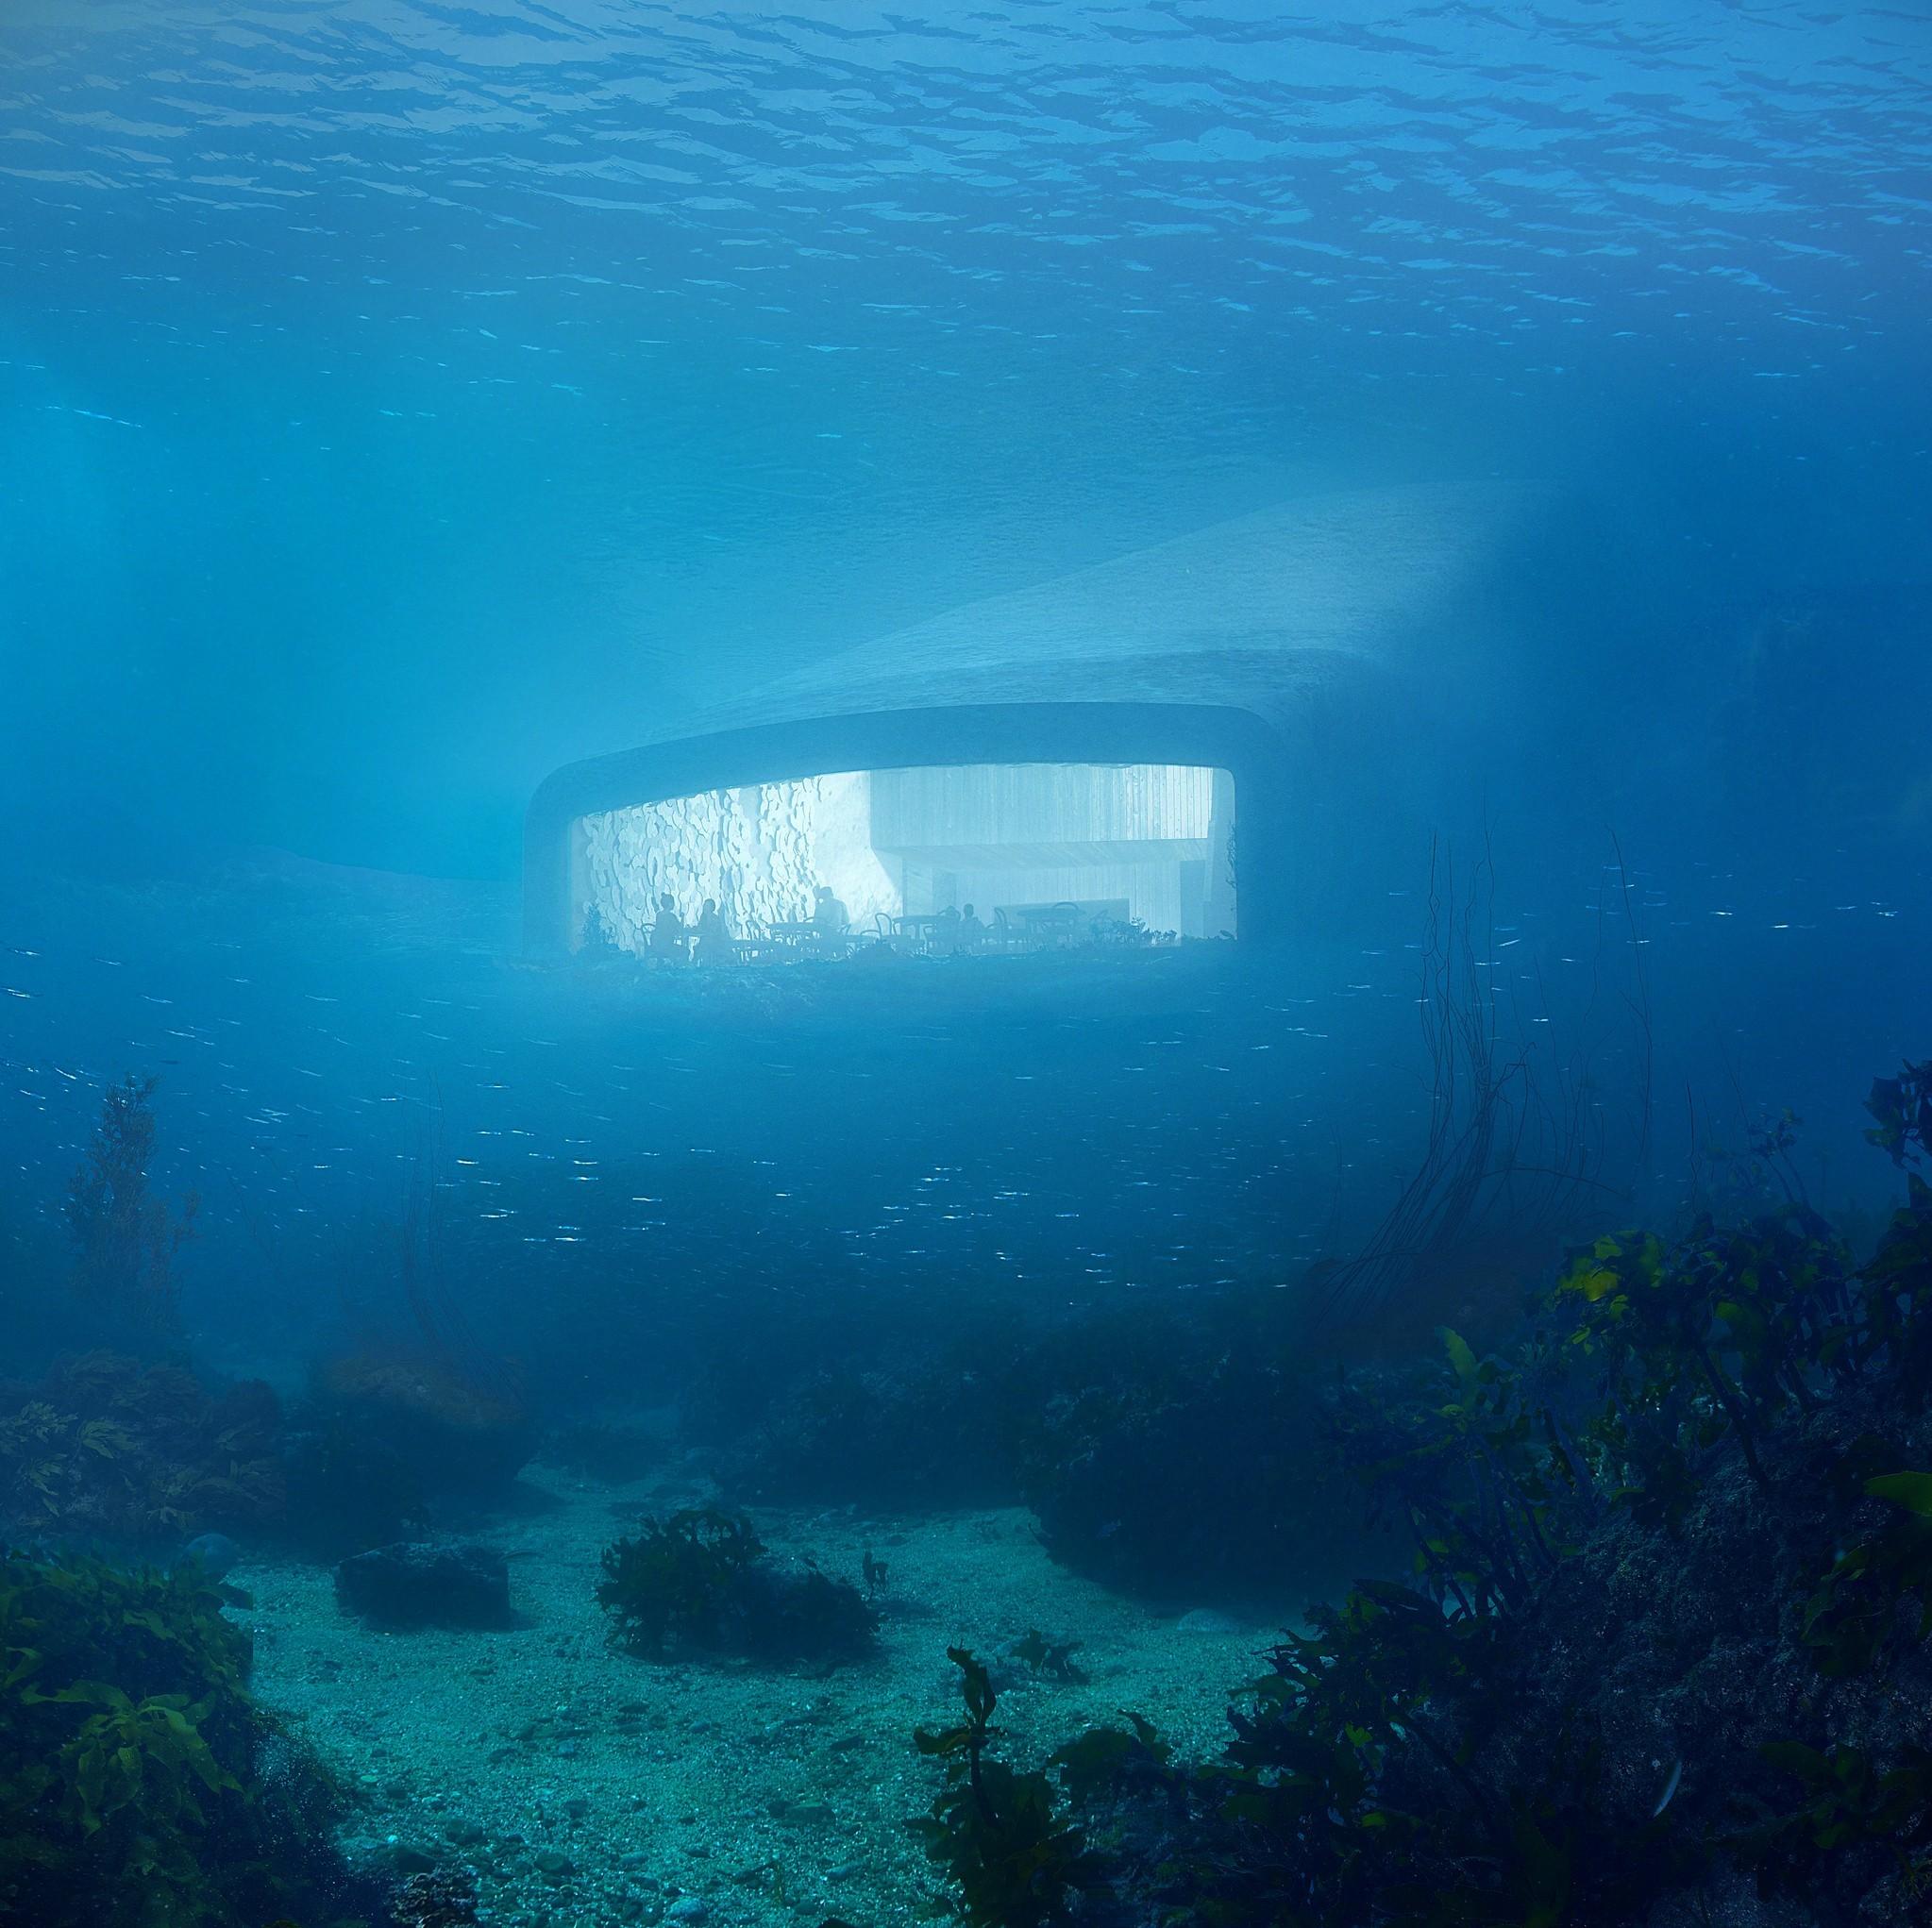 Vetrata ristorante sottomarino